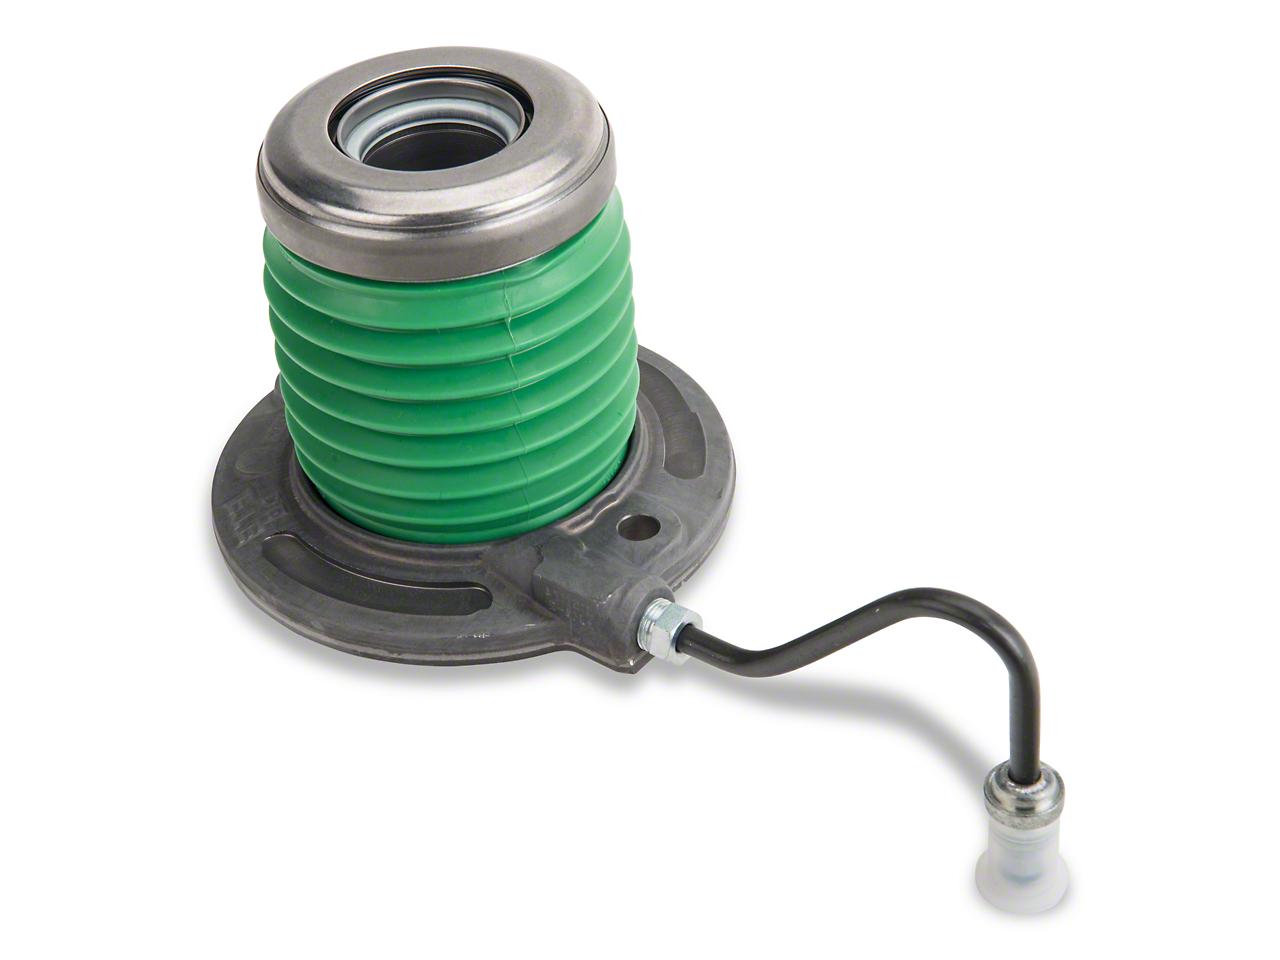 Exedy Hydraulic Throwout Bearing/Slave Cylinder (11-14 GT, V6)